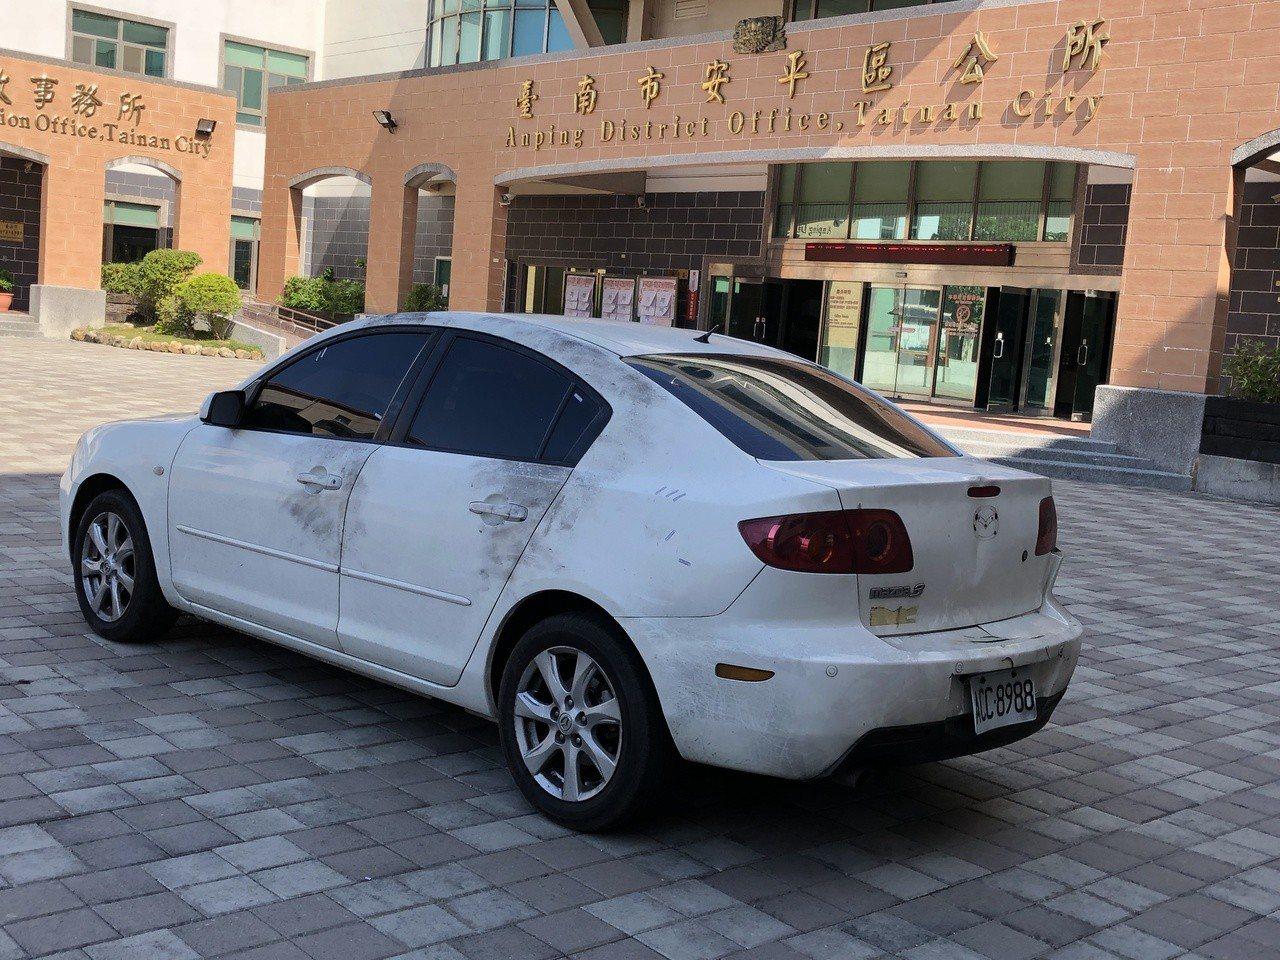 警方在安南區尋獲3嫌作案當天搭乘白色轎車,並在車上採擷相關證物。記者邵心杰/攝影